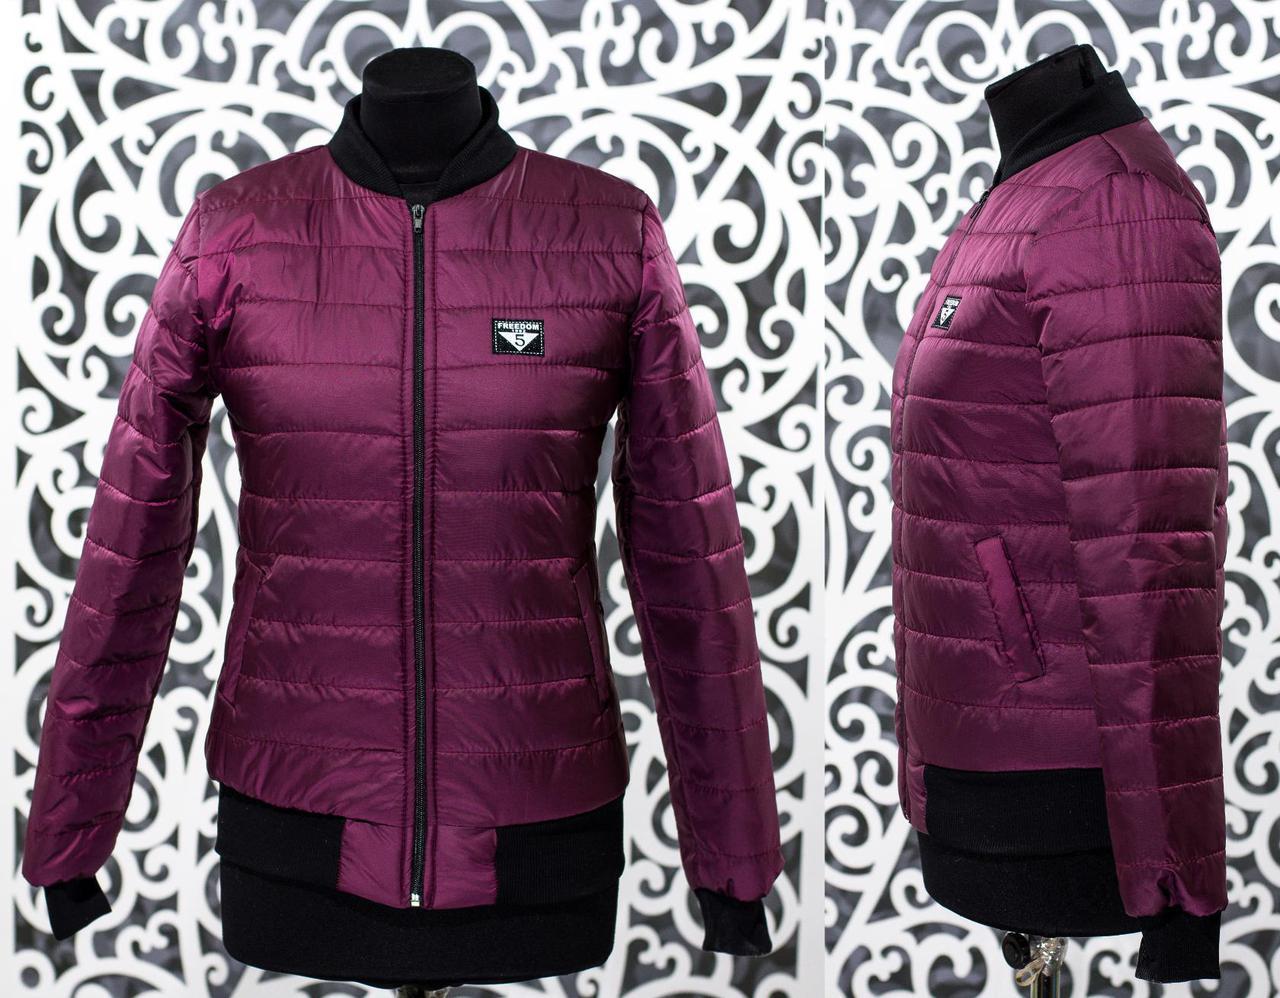 """Стильный женский бомбер-куртка """"плащевка на подкладке из синтипона"""" т 48, 50 размер"""